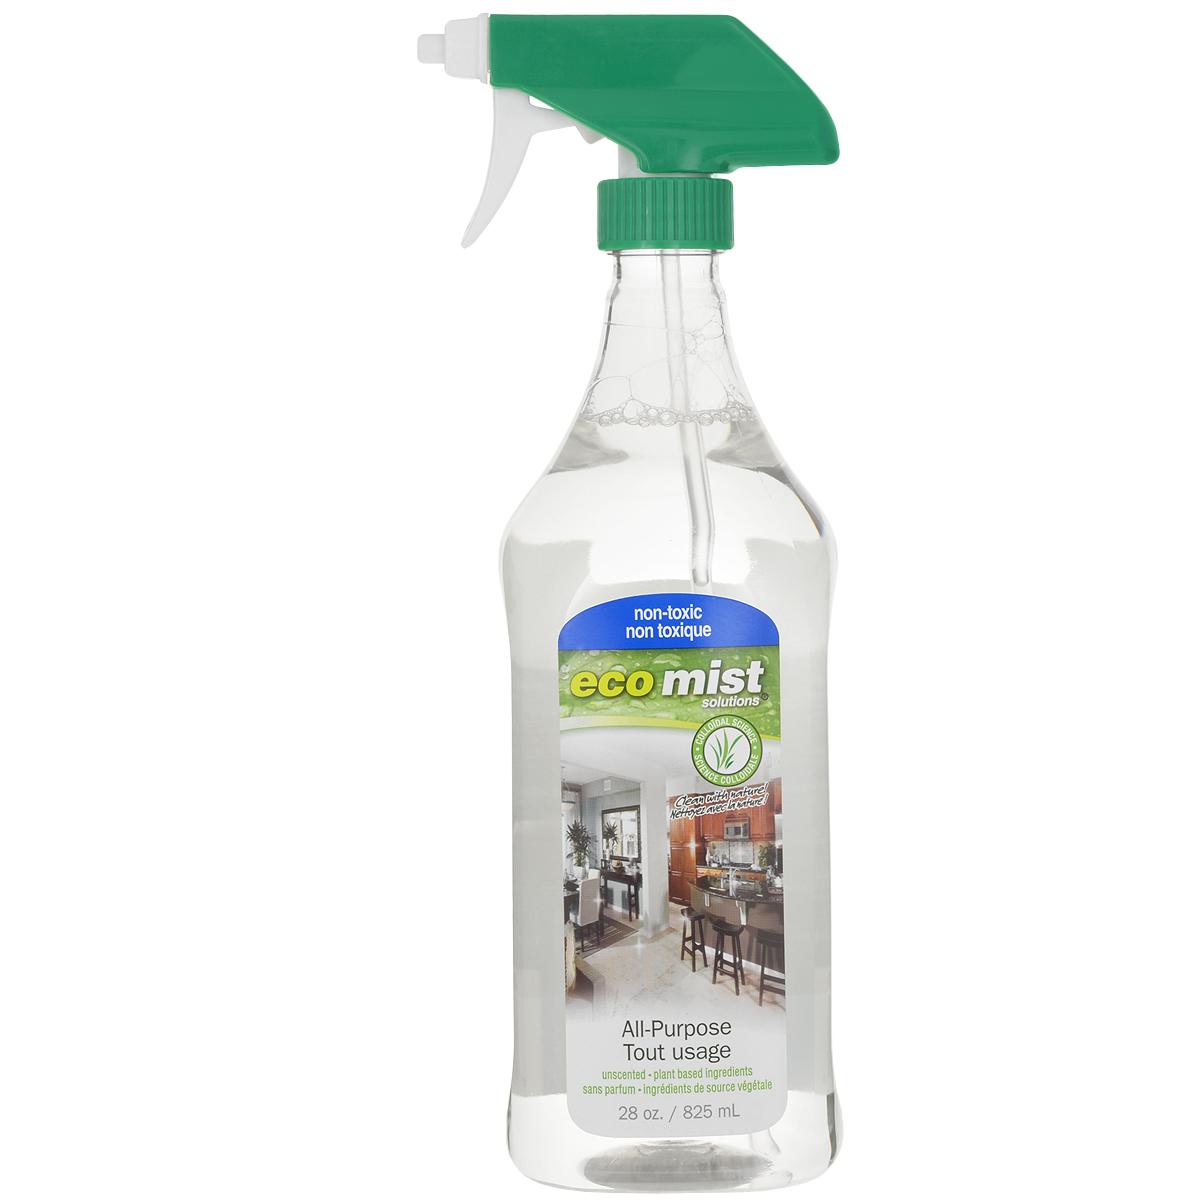 Средство универсальное для очистки любых поверхностей Eco Mist, 825 мл113065Идеальное, высоконконцентрированное универсальное средство Eco Mist для придания чистоты любым поверхностям в доме, в том числе детских игрушек, полови предметов в детской комнате. Также подходит для мытья предметов при уходе за пациентами. Это чистящее средство можно разбавить для приготовления рабочего раствора в пропорции 1:7, то есть 100 мл средства на 700 мл воды. Идеальная чистота - гарантированное здоровье для вас, ваших детей, близких и домашних животных. Не токсично. Без запаха.Состав: дехлорированная вода, кукуруза, древесный сок, трава, экстракт картофеля, сахарный тростник.